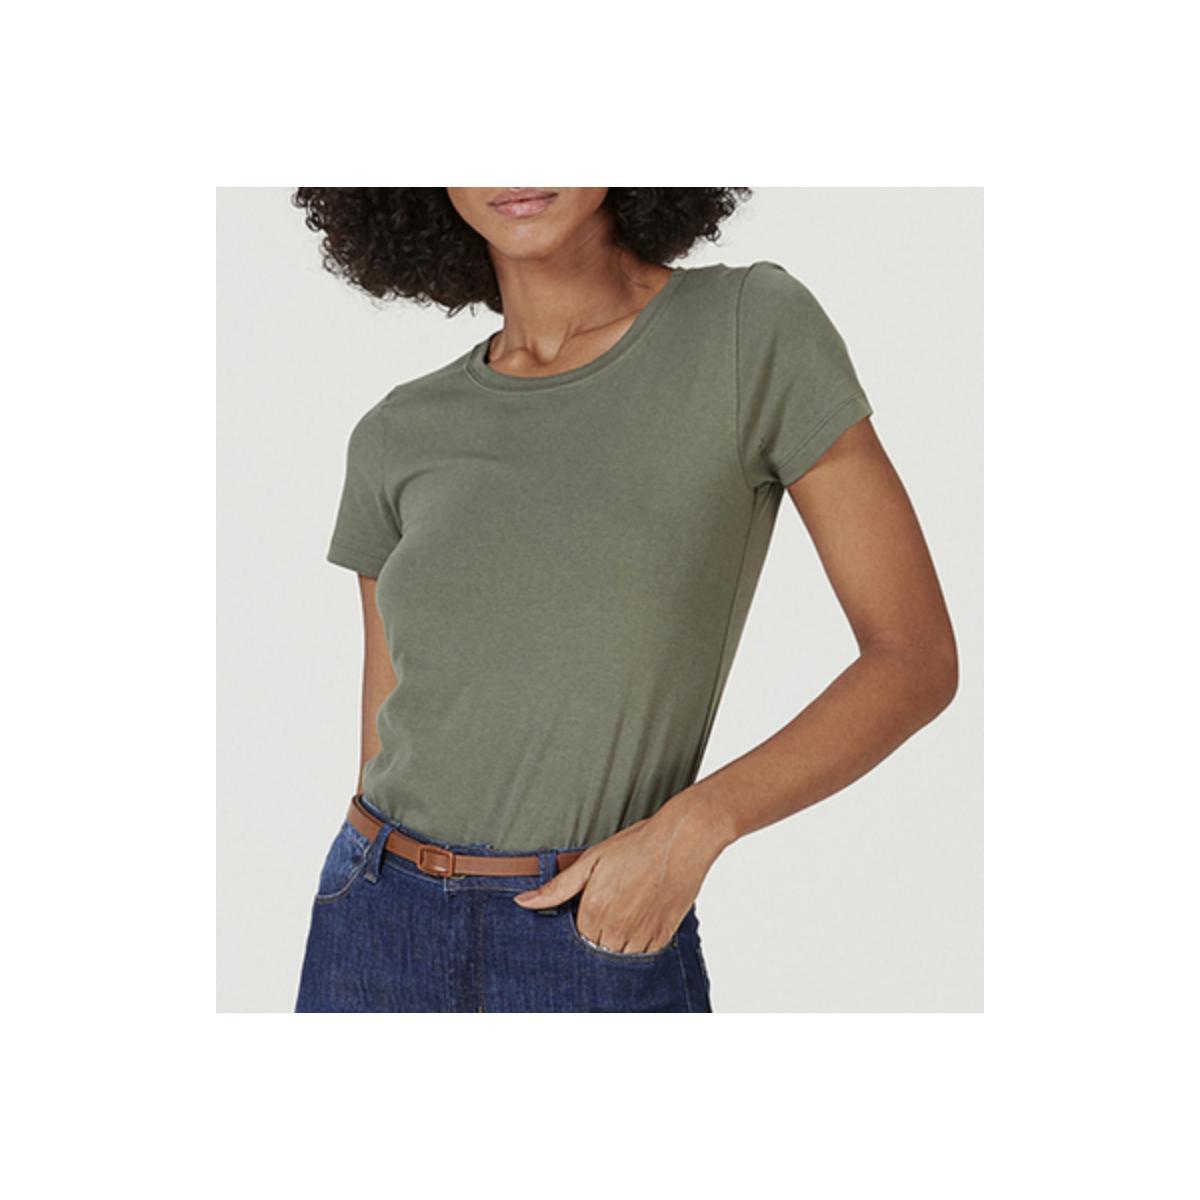 Blusa Feminina Hering 0241 Wh0en Militar